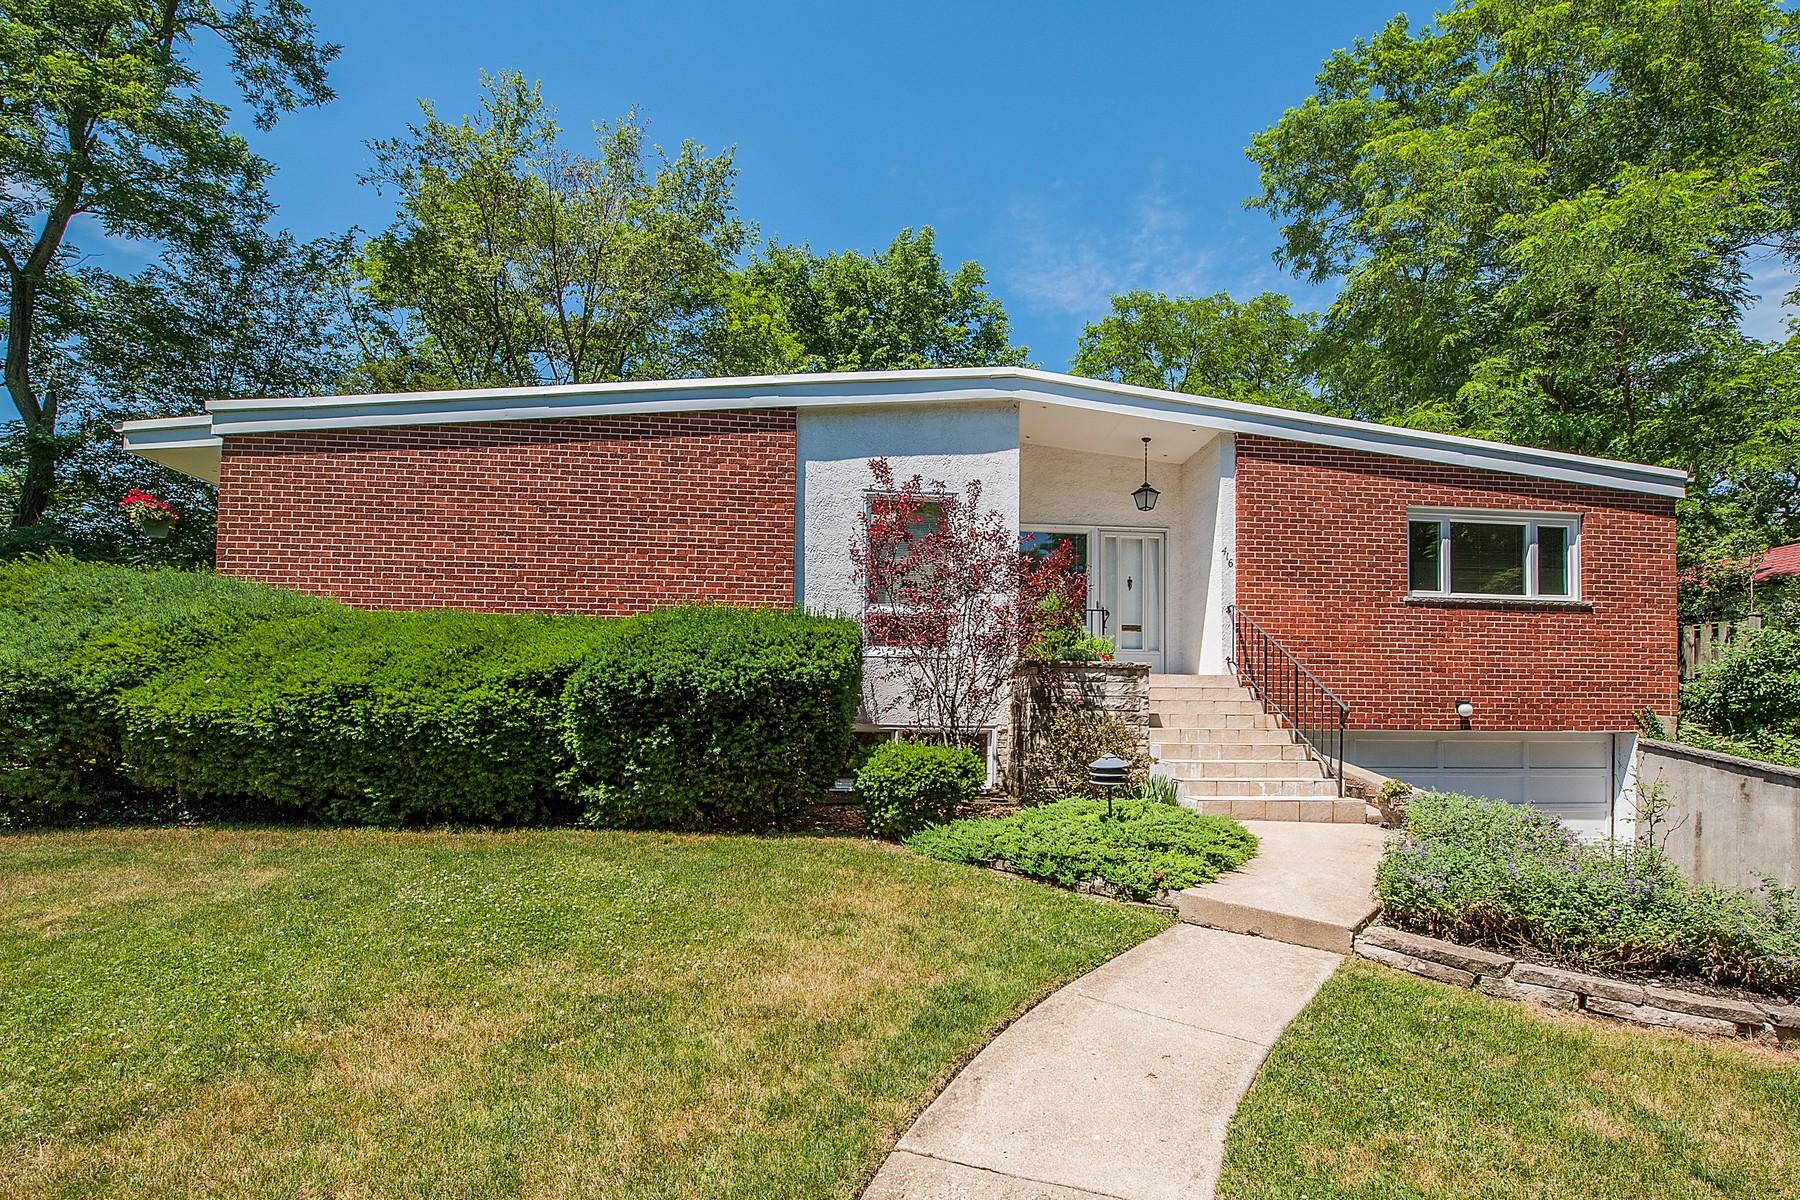 Tek Ailelik Ev için Satış at Mid-Century Contemporary Home 416 Maple Street Winnetka, Illinois, 60093 Amerika Birleşik Devletleri